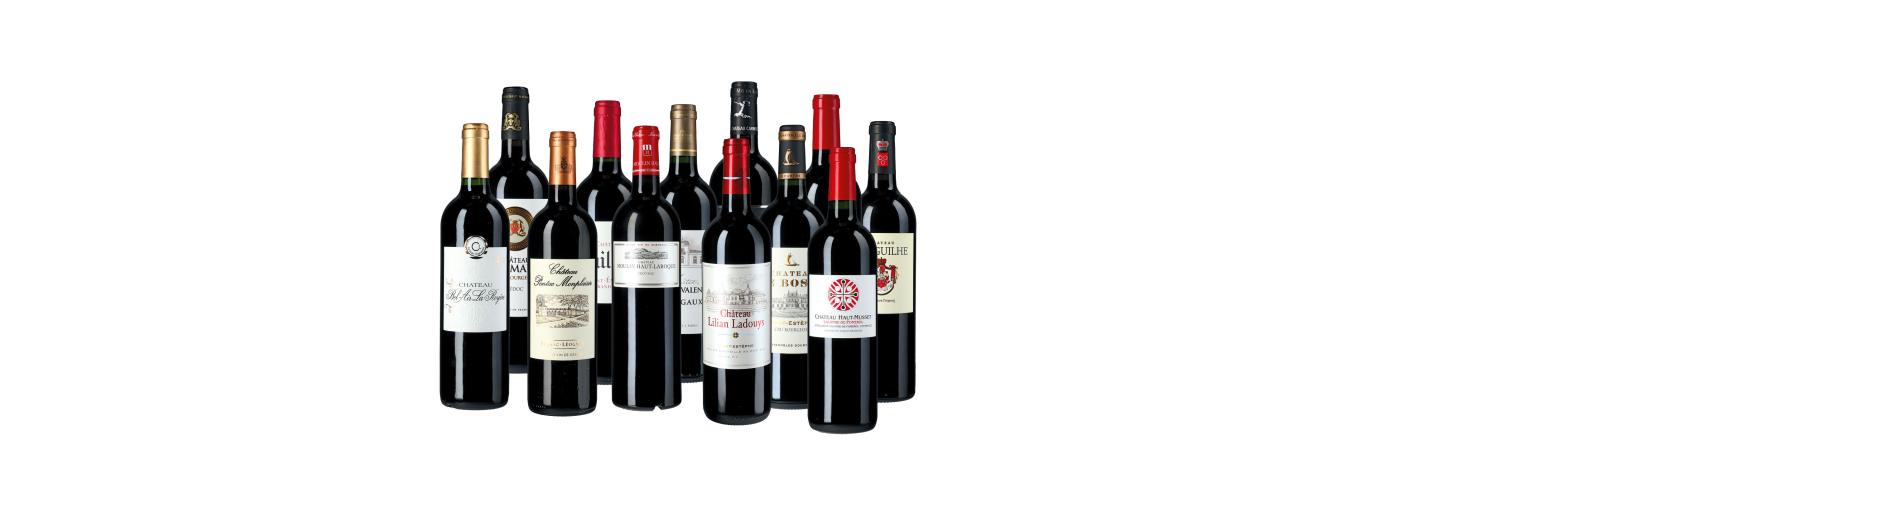 WESER-KURIER Wein-Edition